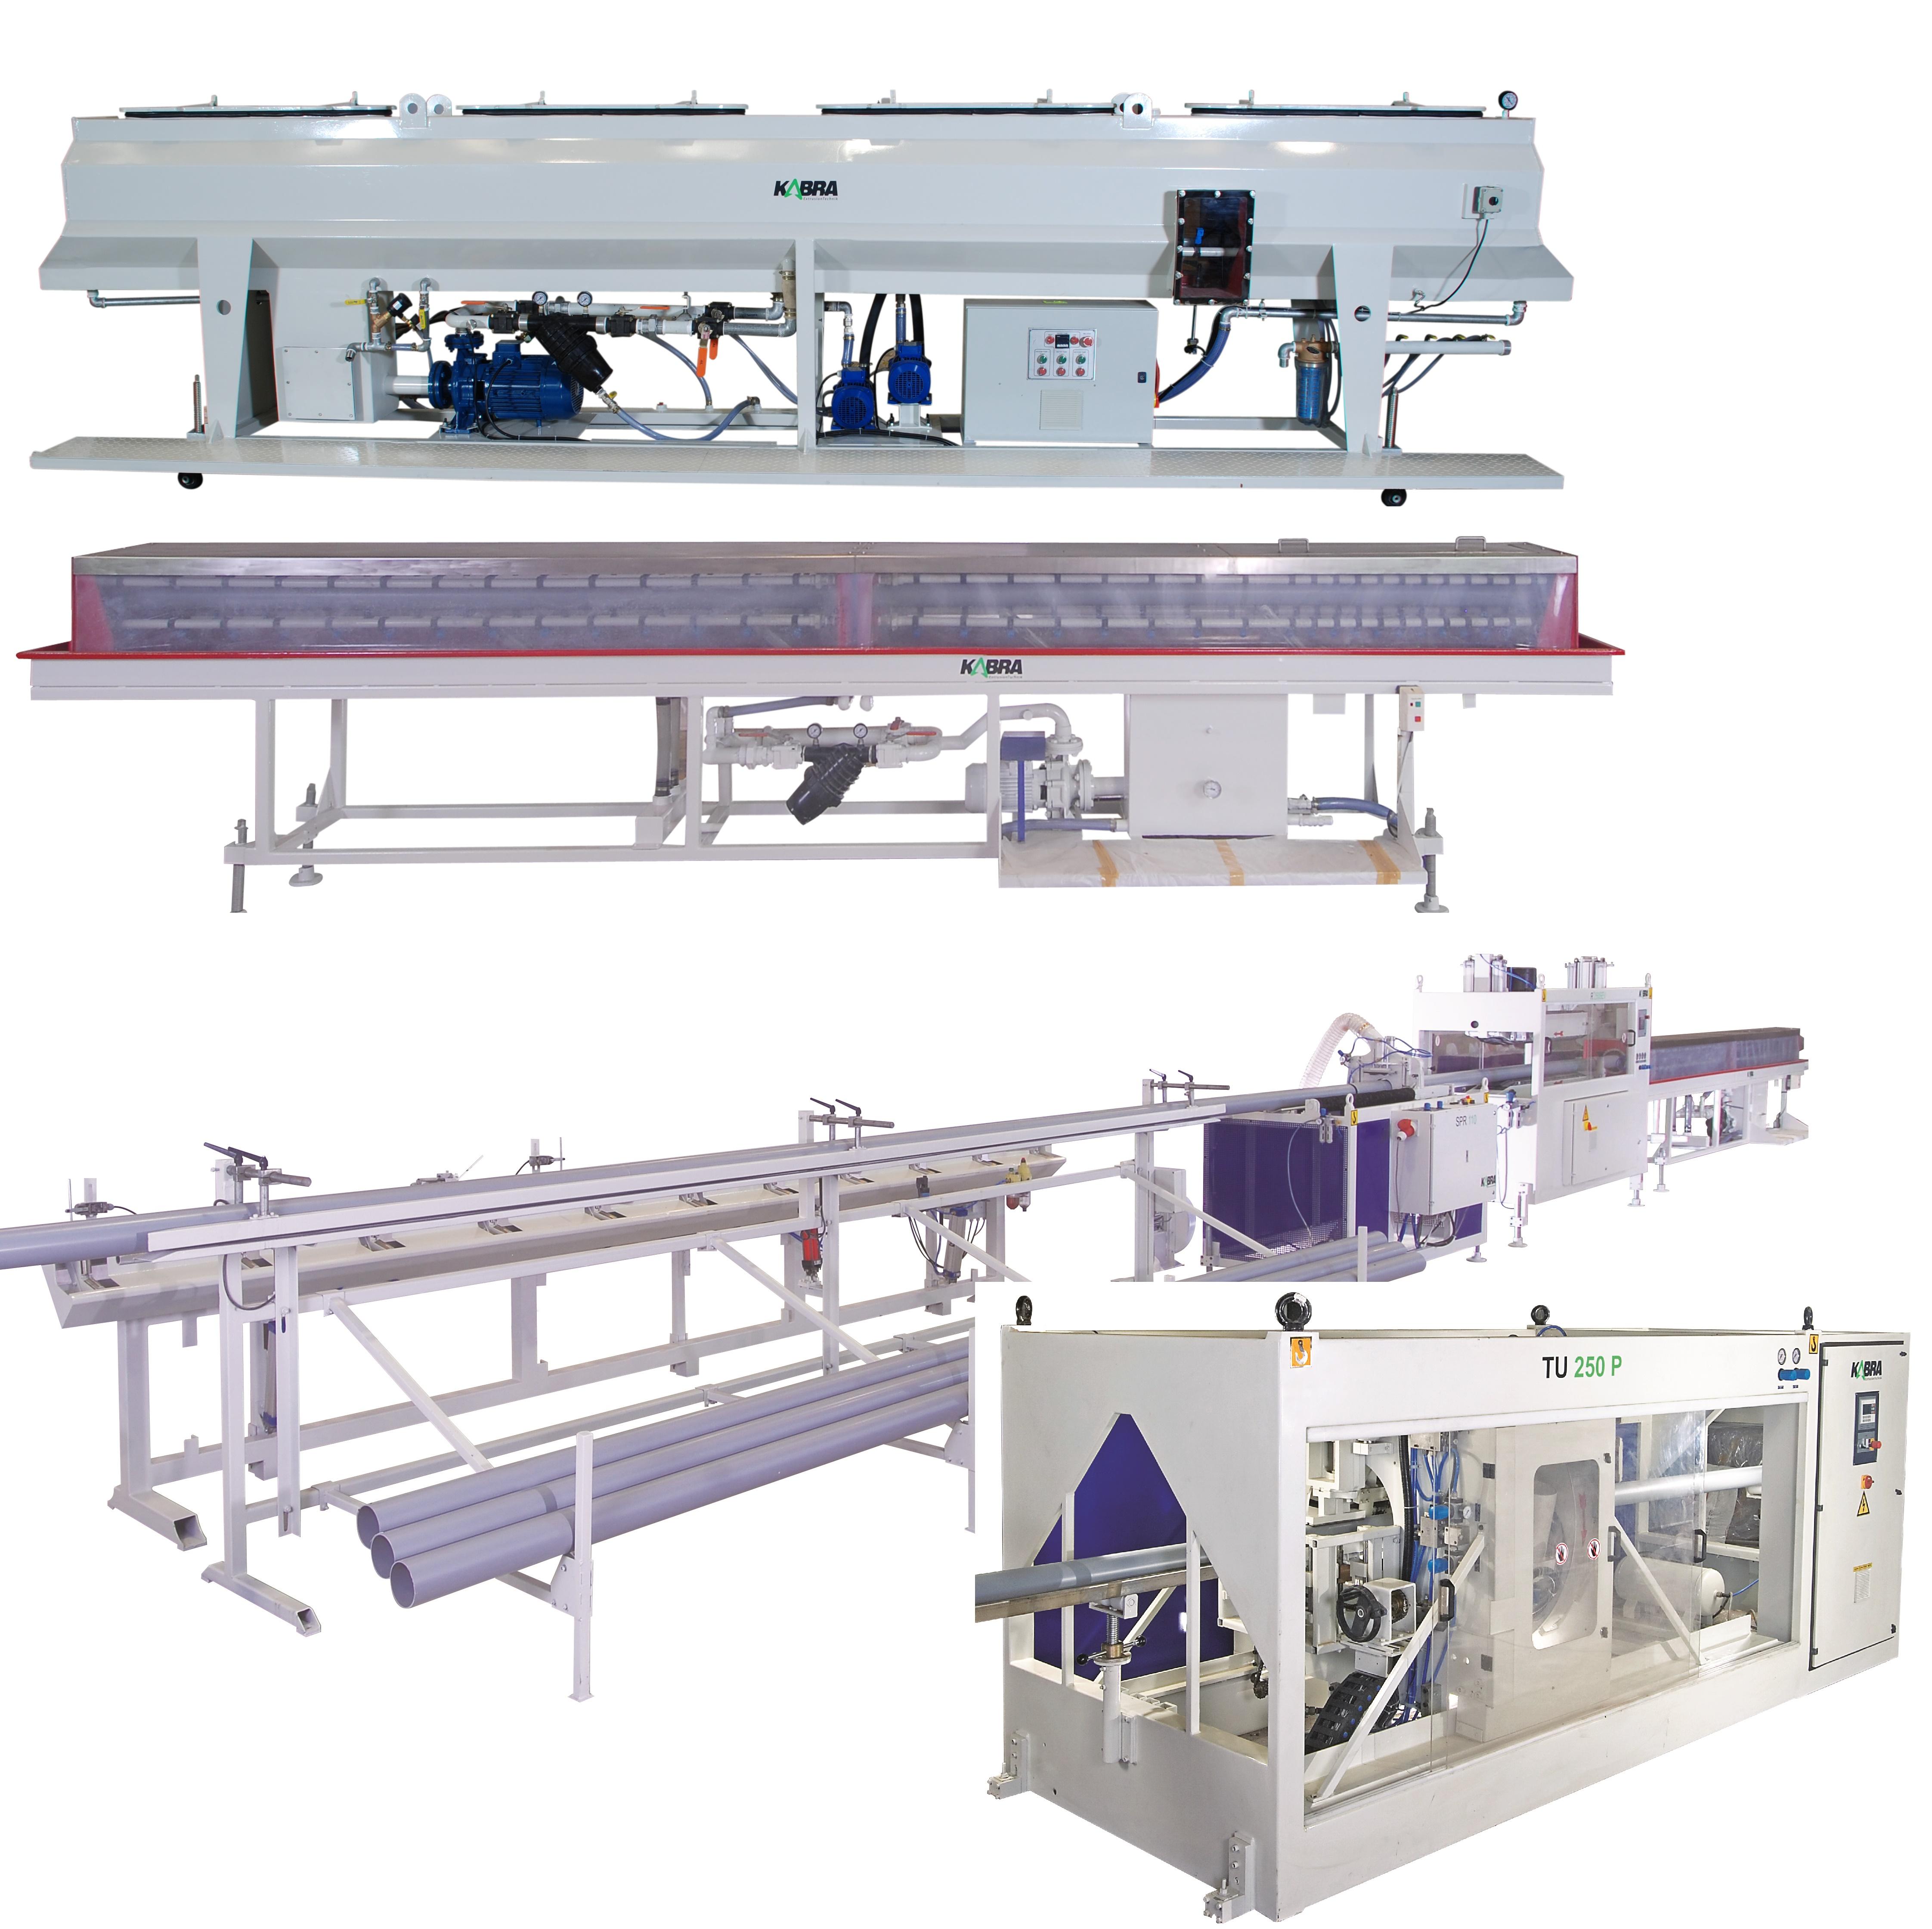 Máy định hình ống, máy cắt ống, máy xếp chồng ống, bể phun nước mát - KABRA - Kolsite